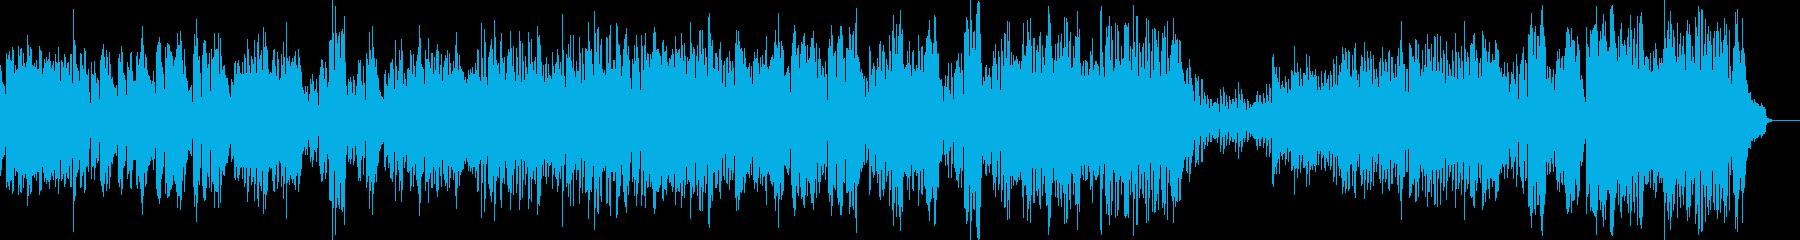 メルヘンな雰囲気に適したワルツ Dの再生済みの波形